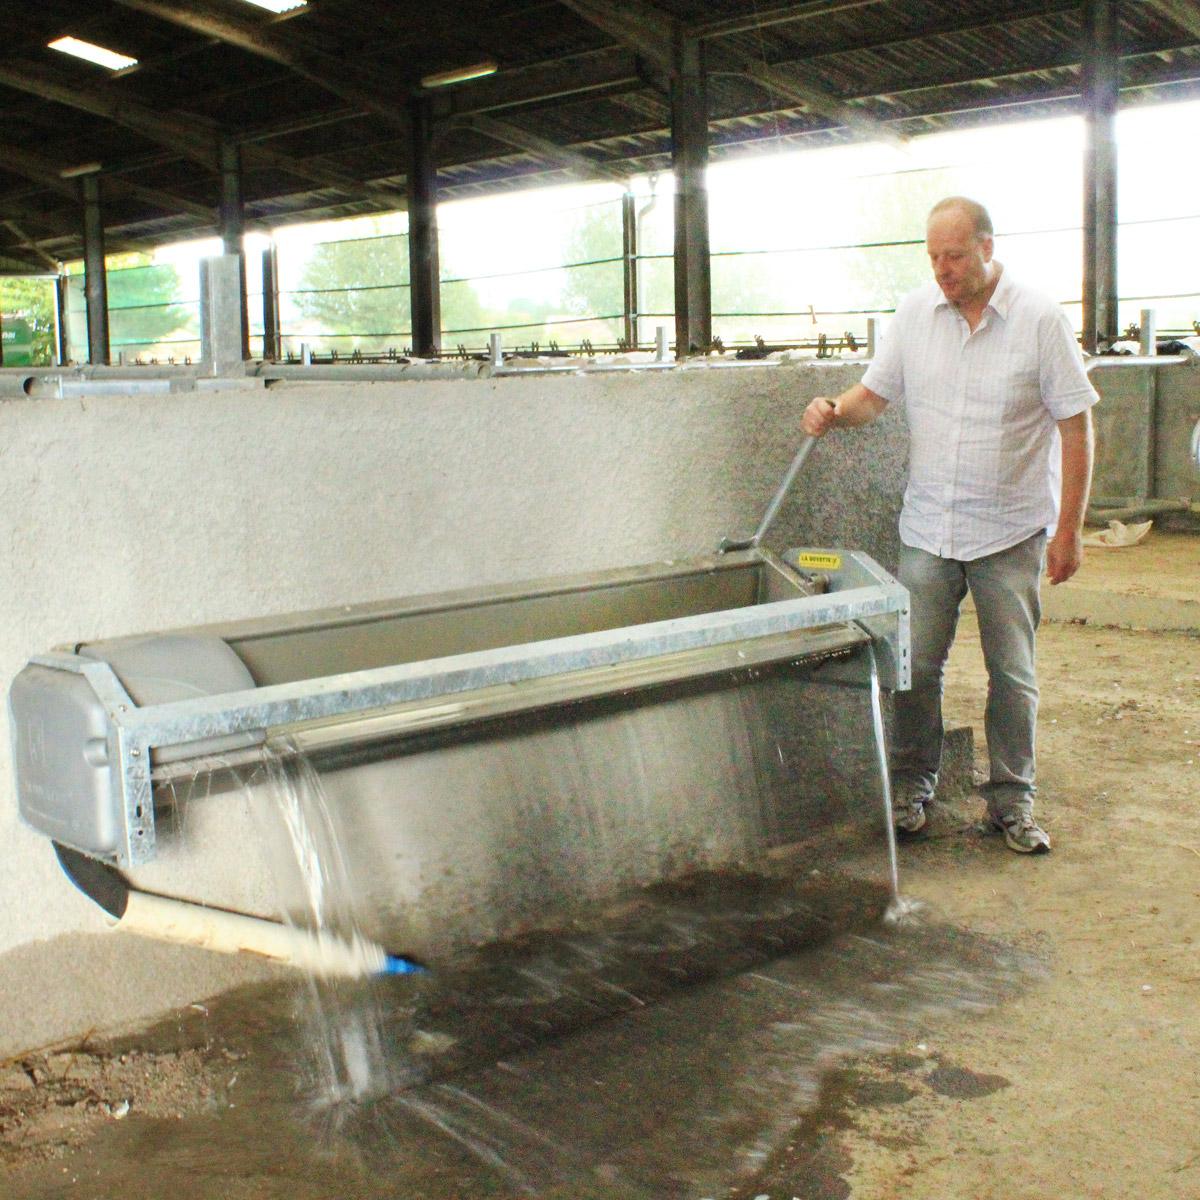 Abreuvoir inox basculant LB230 pour vaches laitières